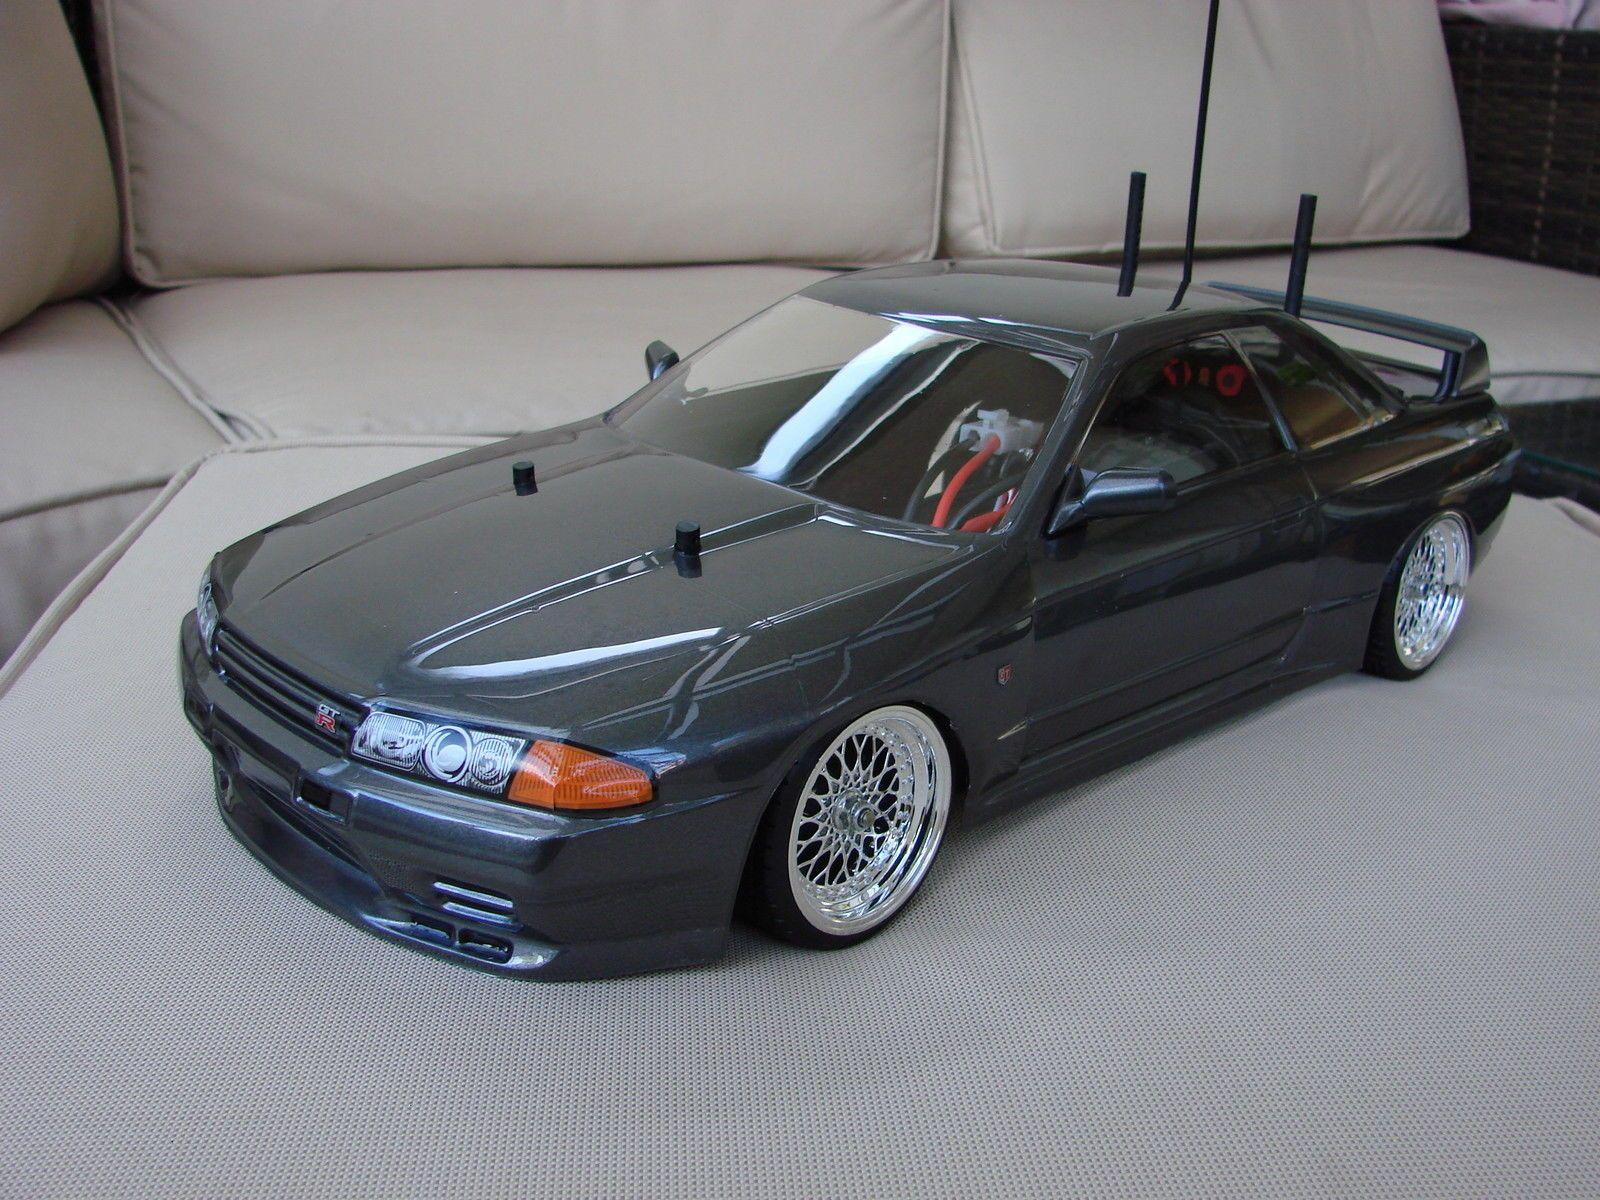 Tamiya 1/10 RC TT01D Drift Car Kit Nissan Skyline, ESC